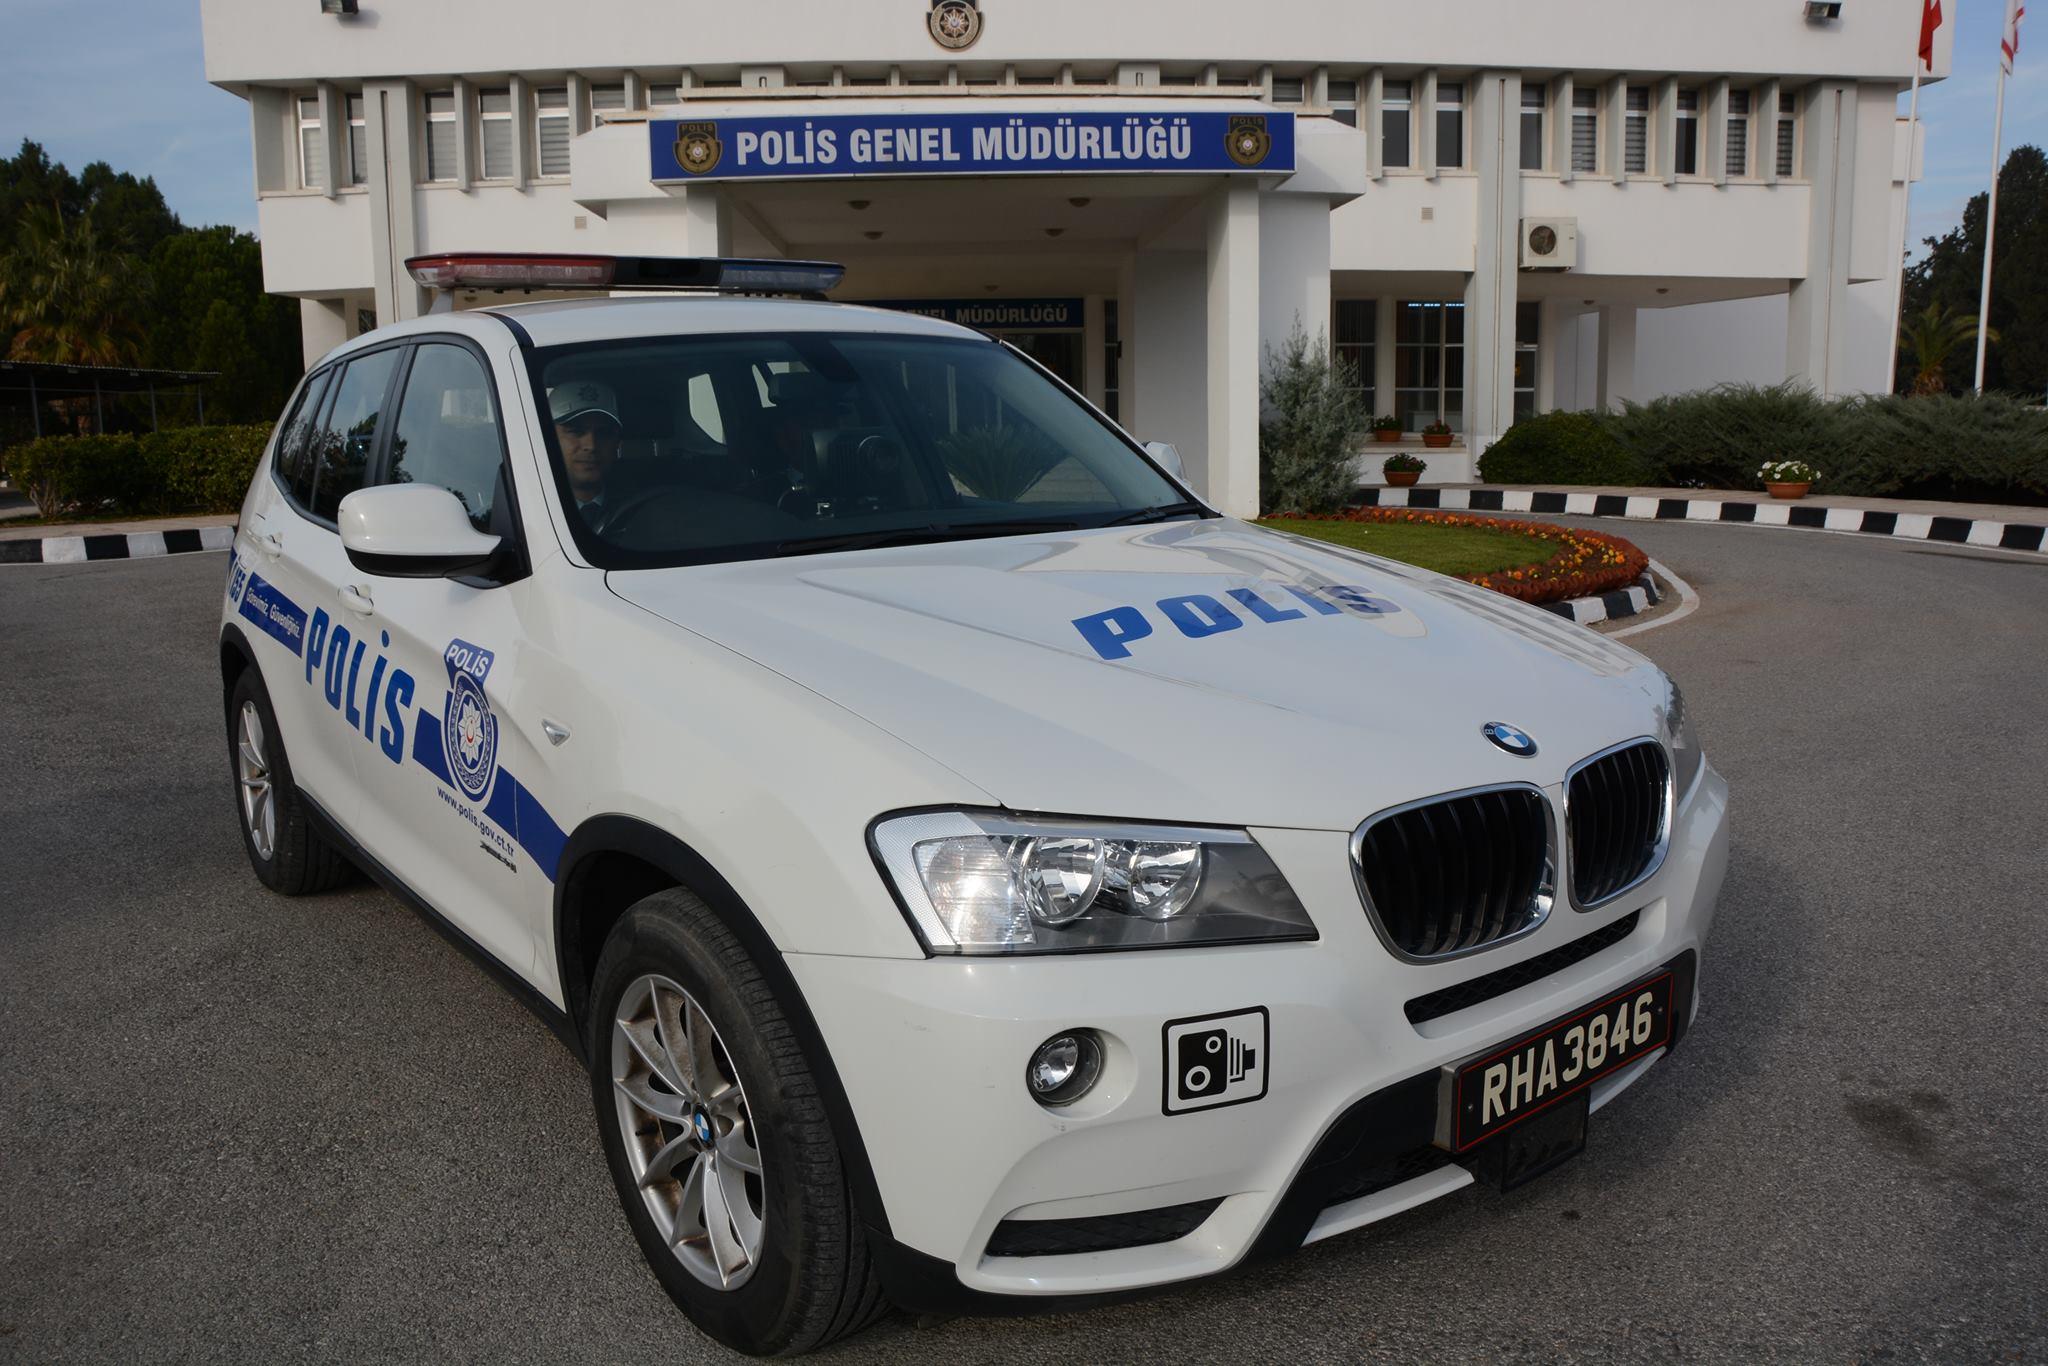 100 POLİS GÖREVE BAŞLADI